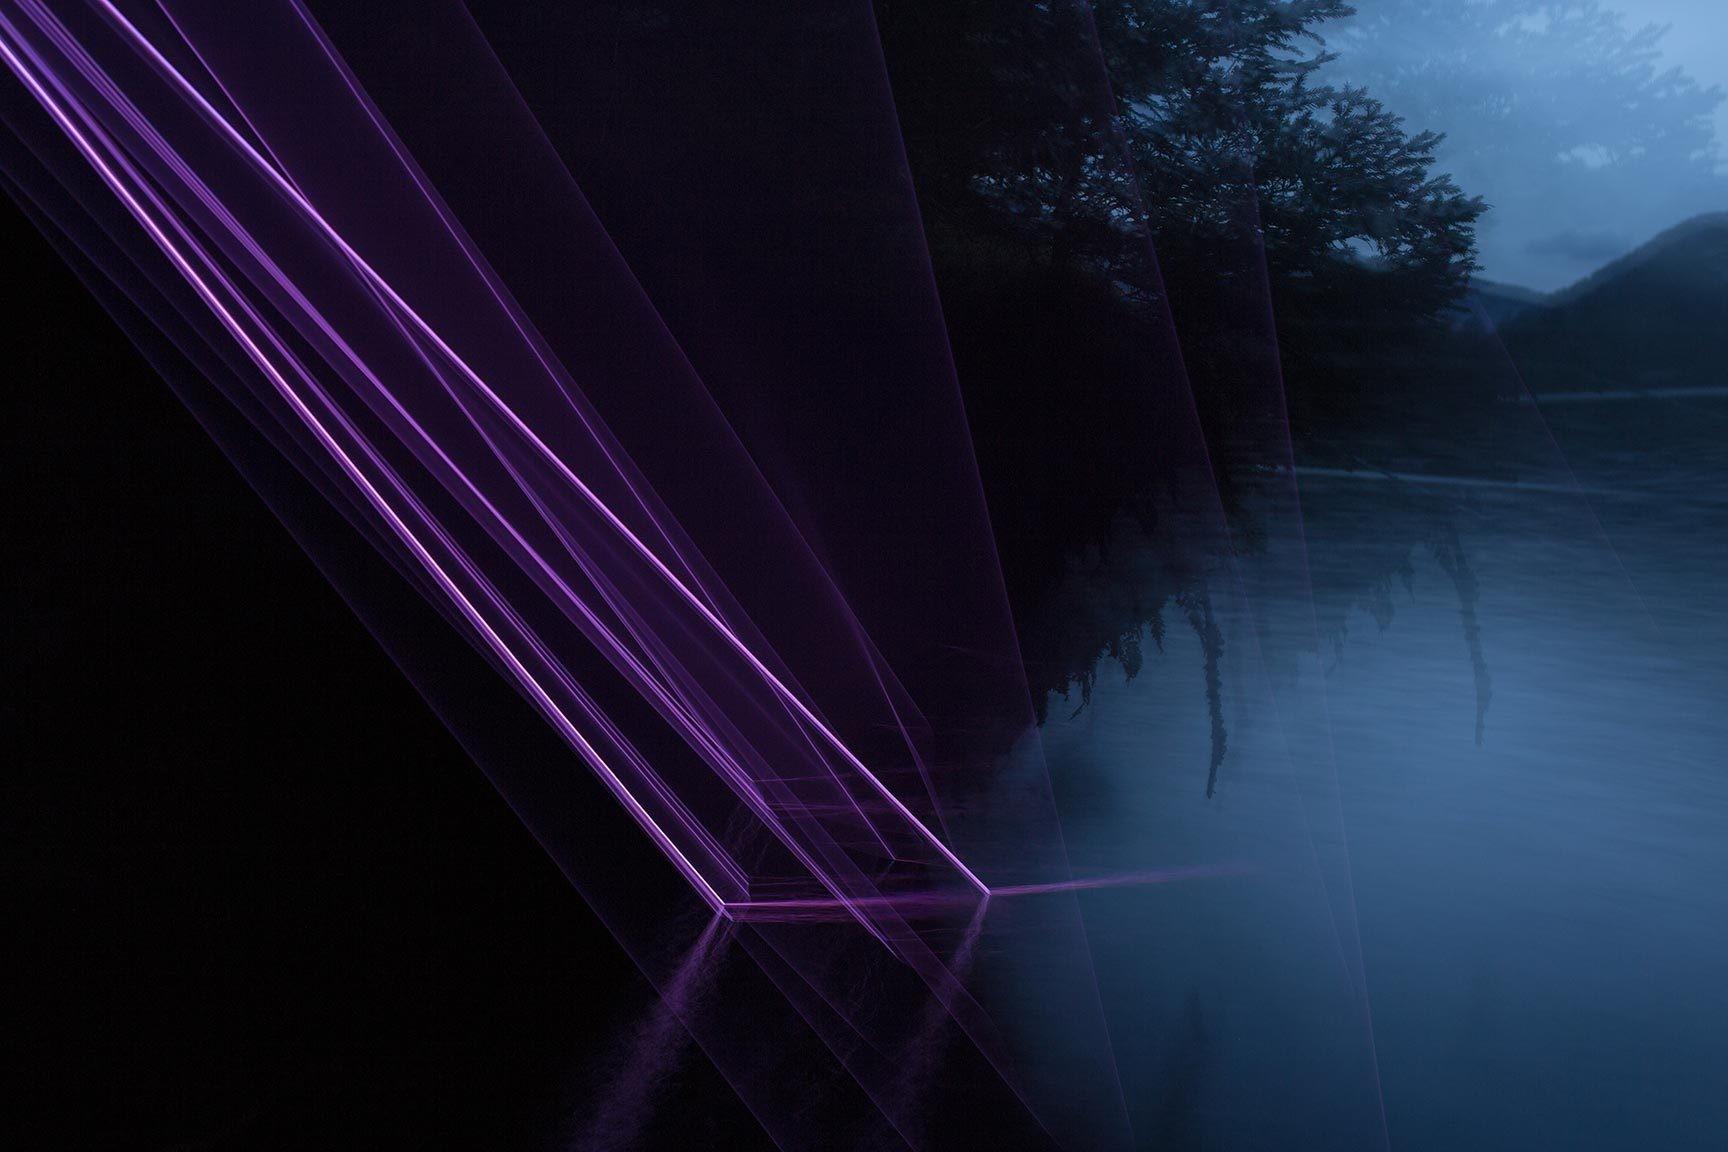 Esculturas de luz convierten la noche en un paisaje alienígena